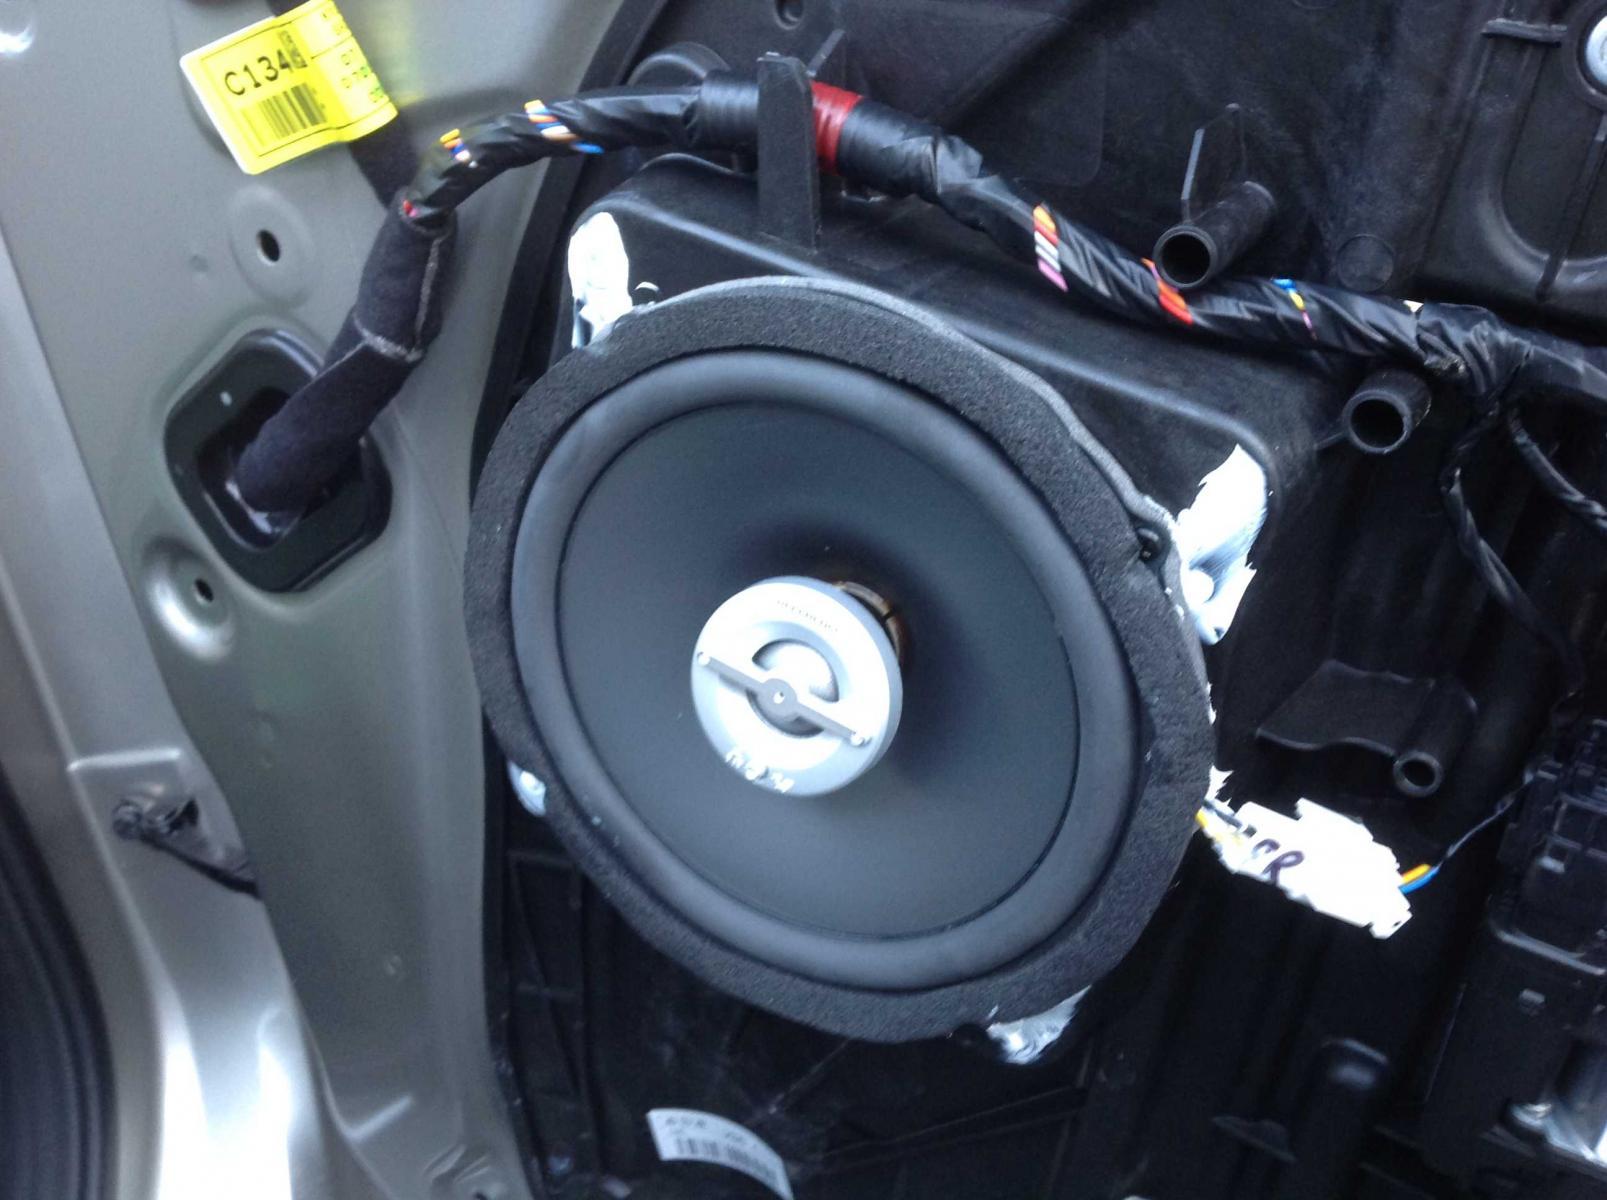 2013 EX-T Door Speakers Upgrade with Photos-speaker-installed.jpg & DIY] : 2013 EX-T Door Speakers Upgrade with Photos